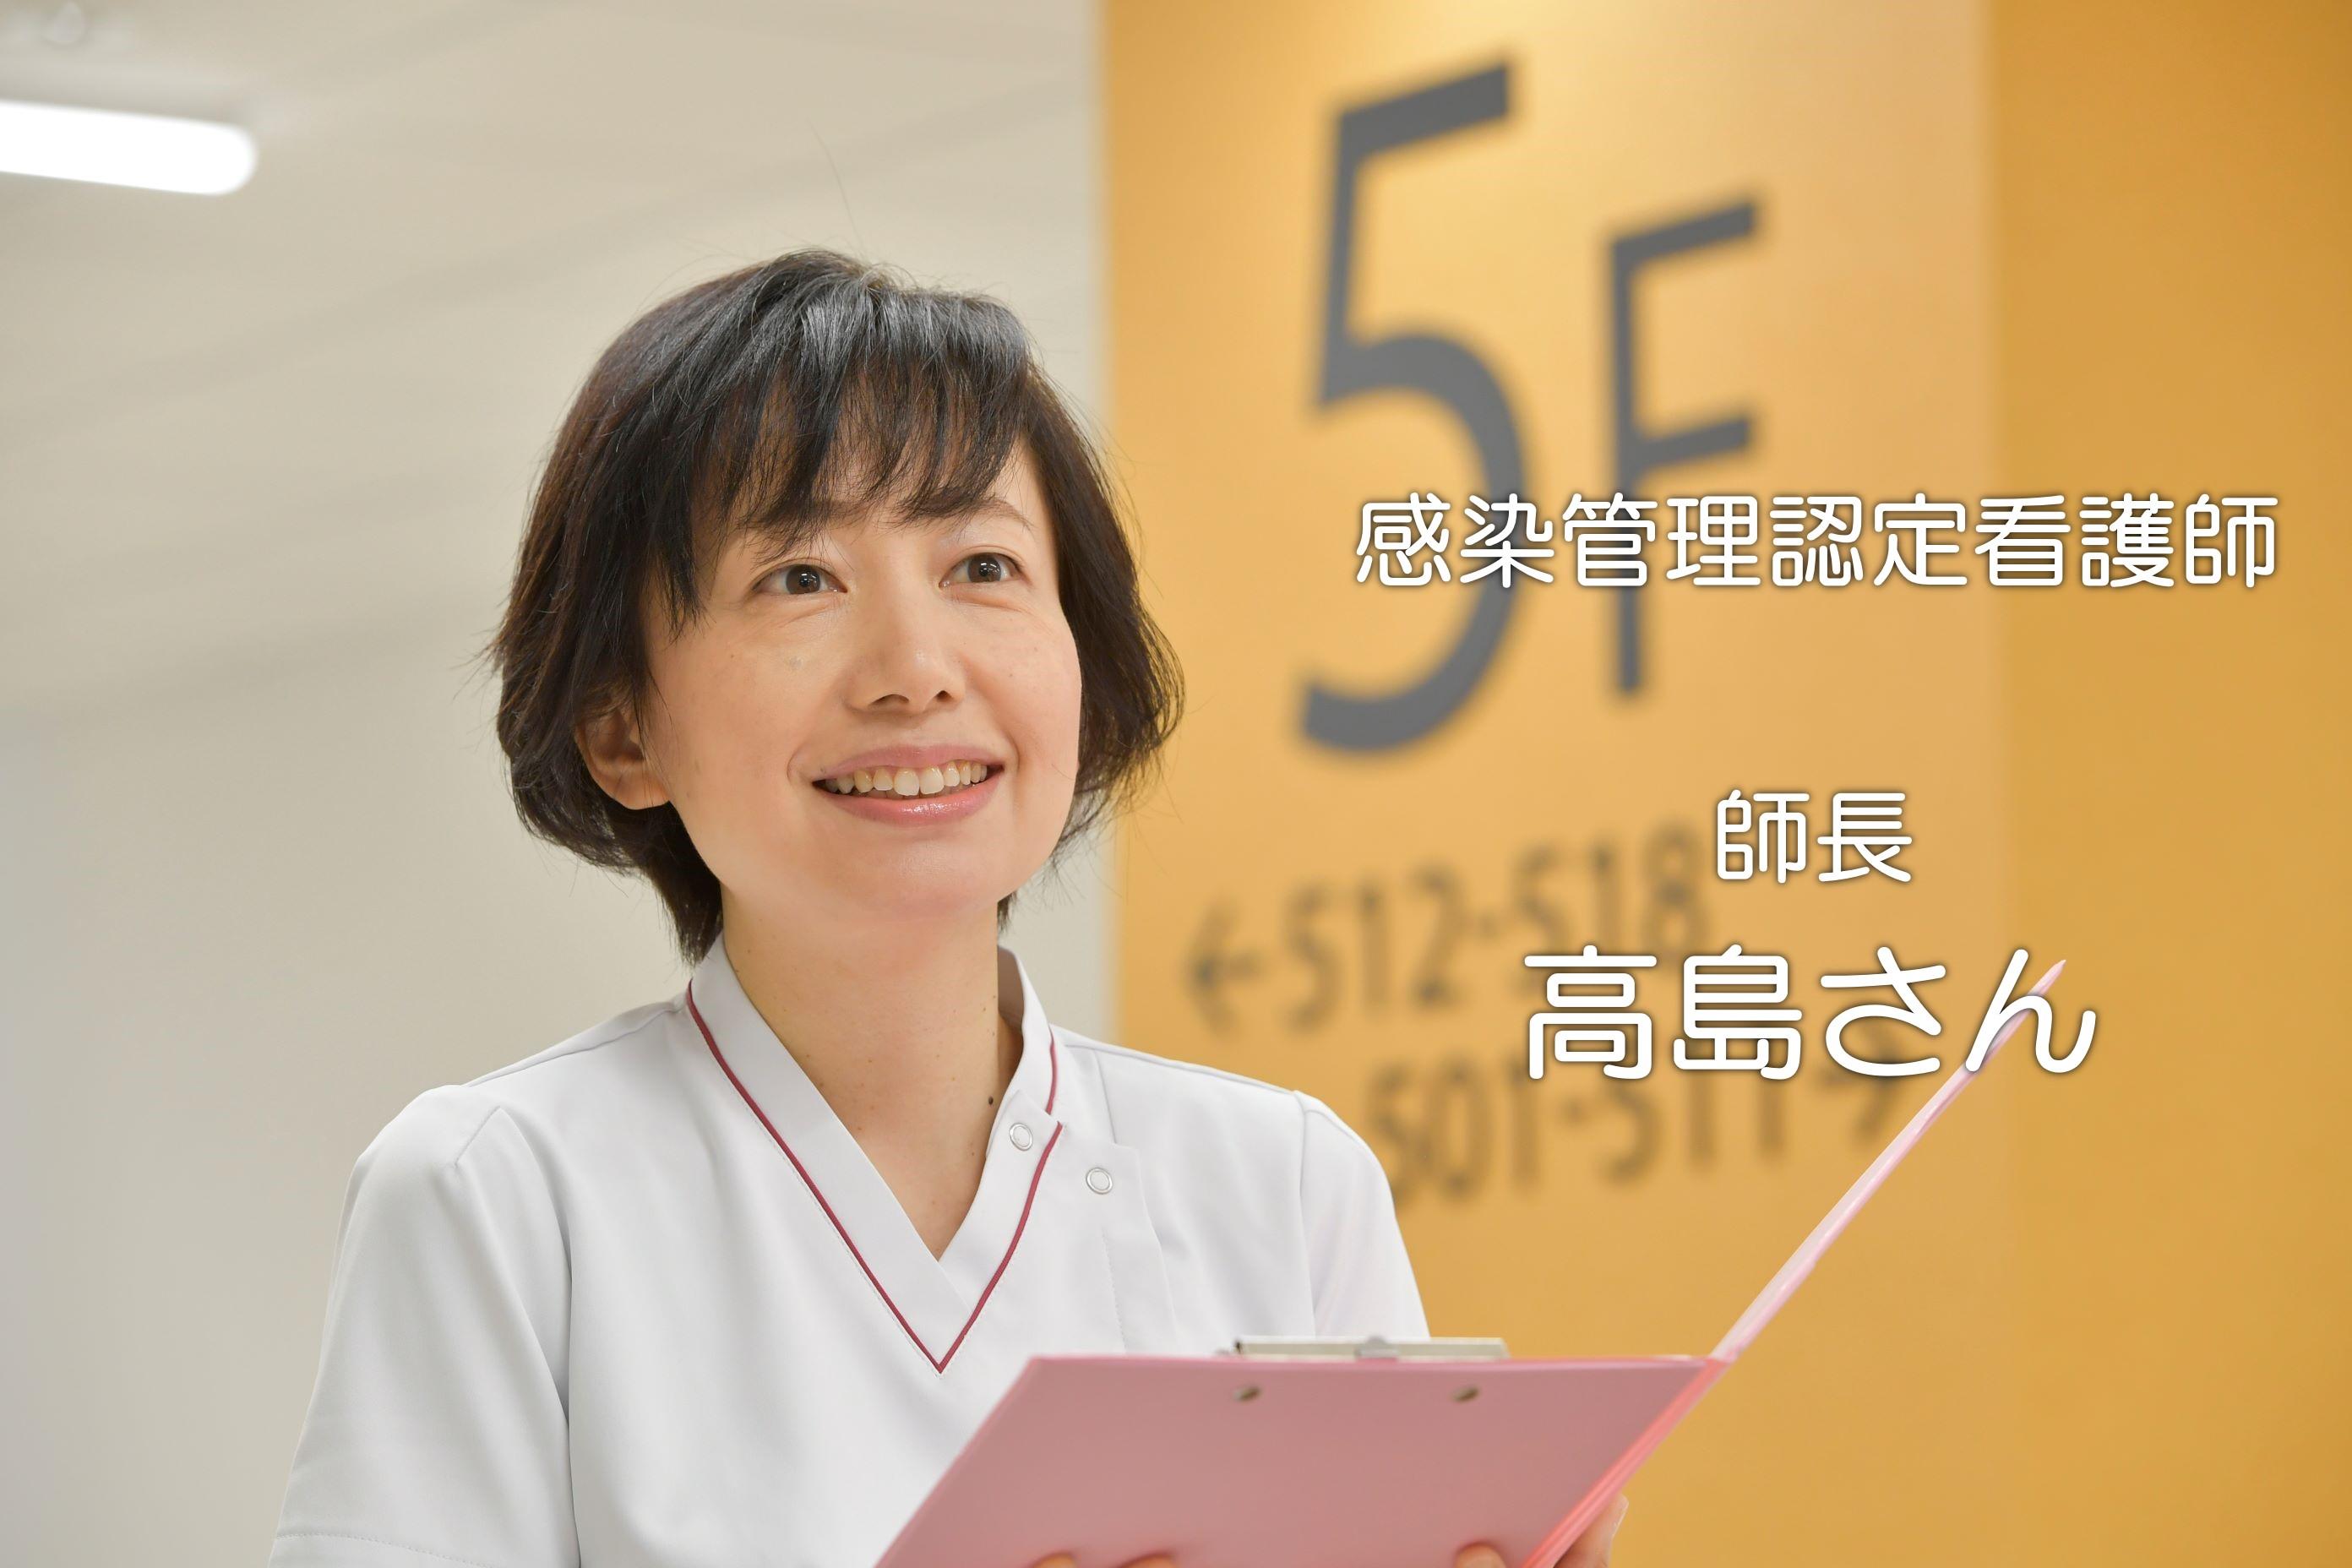 副部長(認定看護師)田中美紀